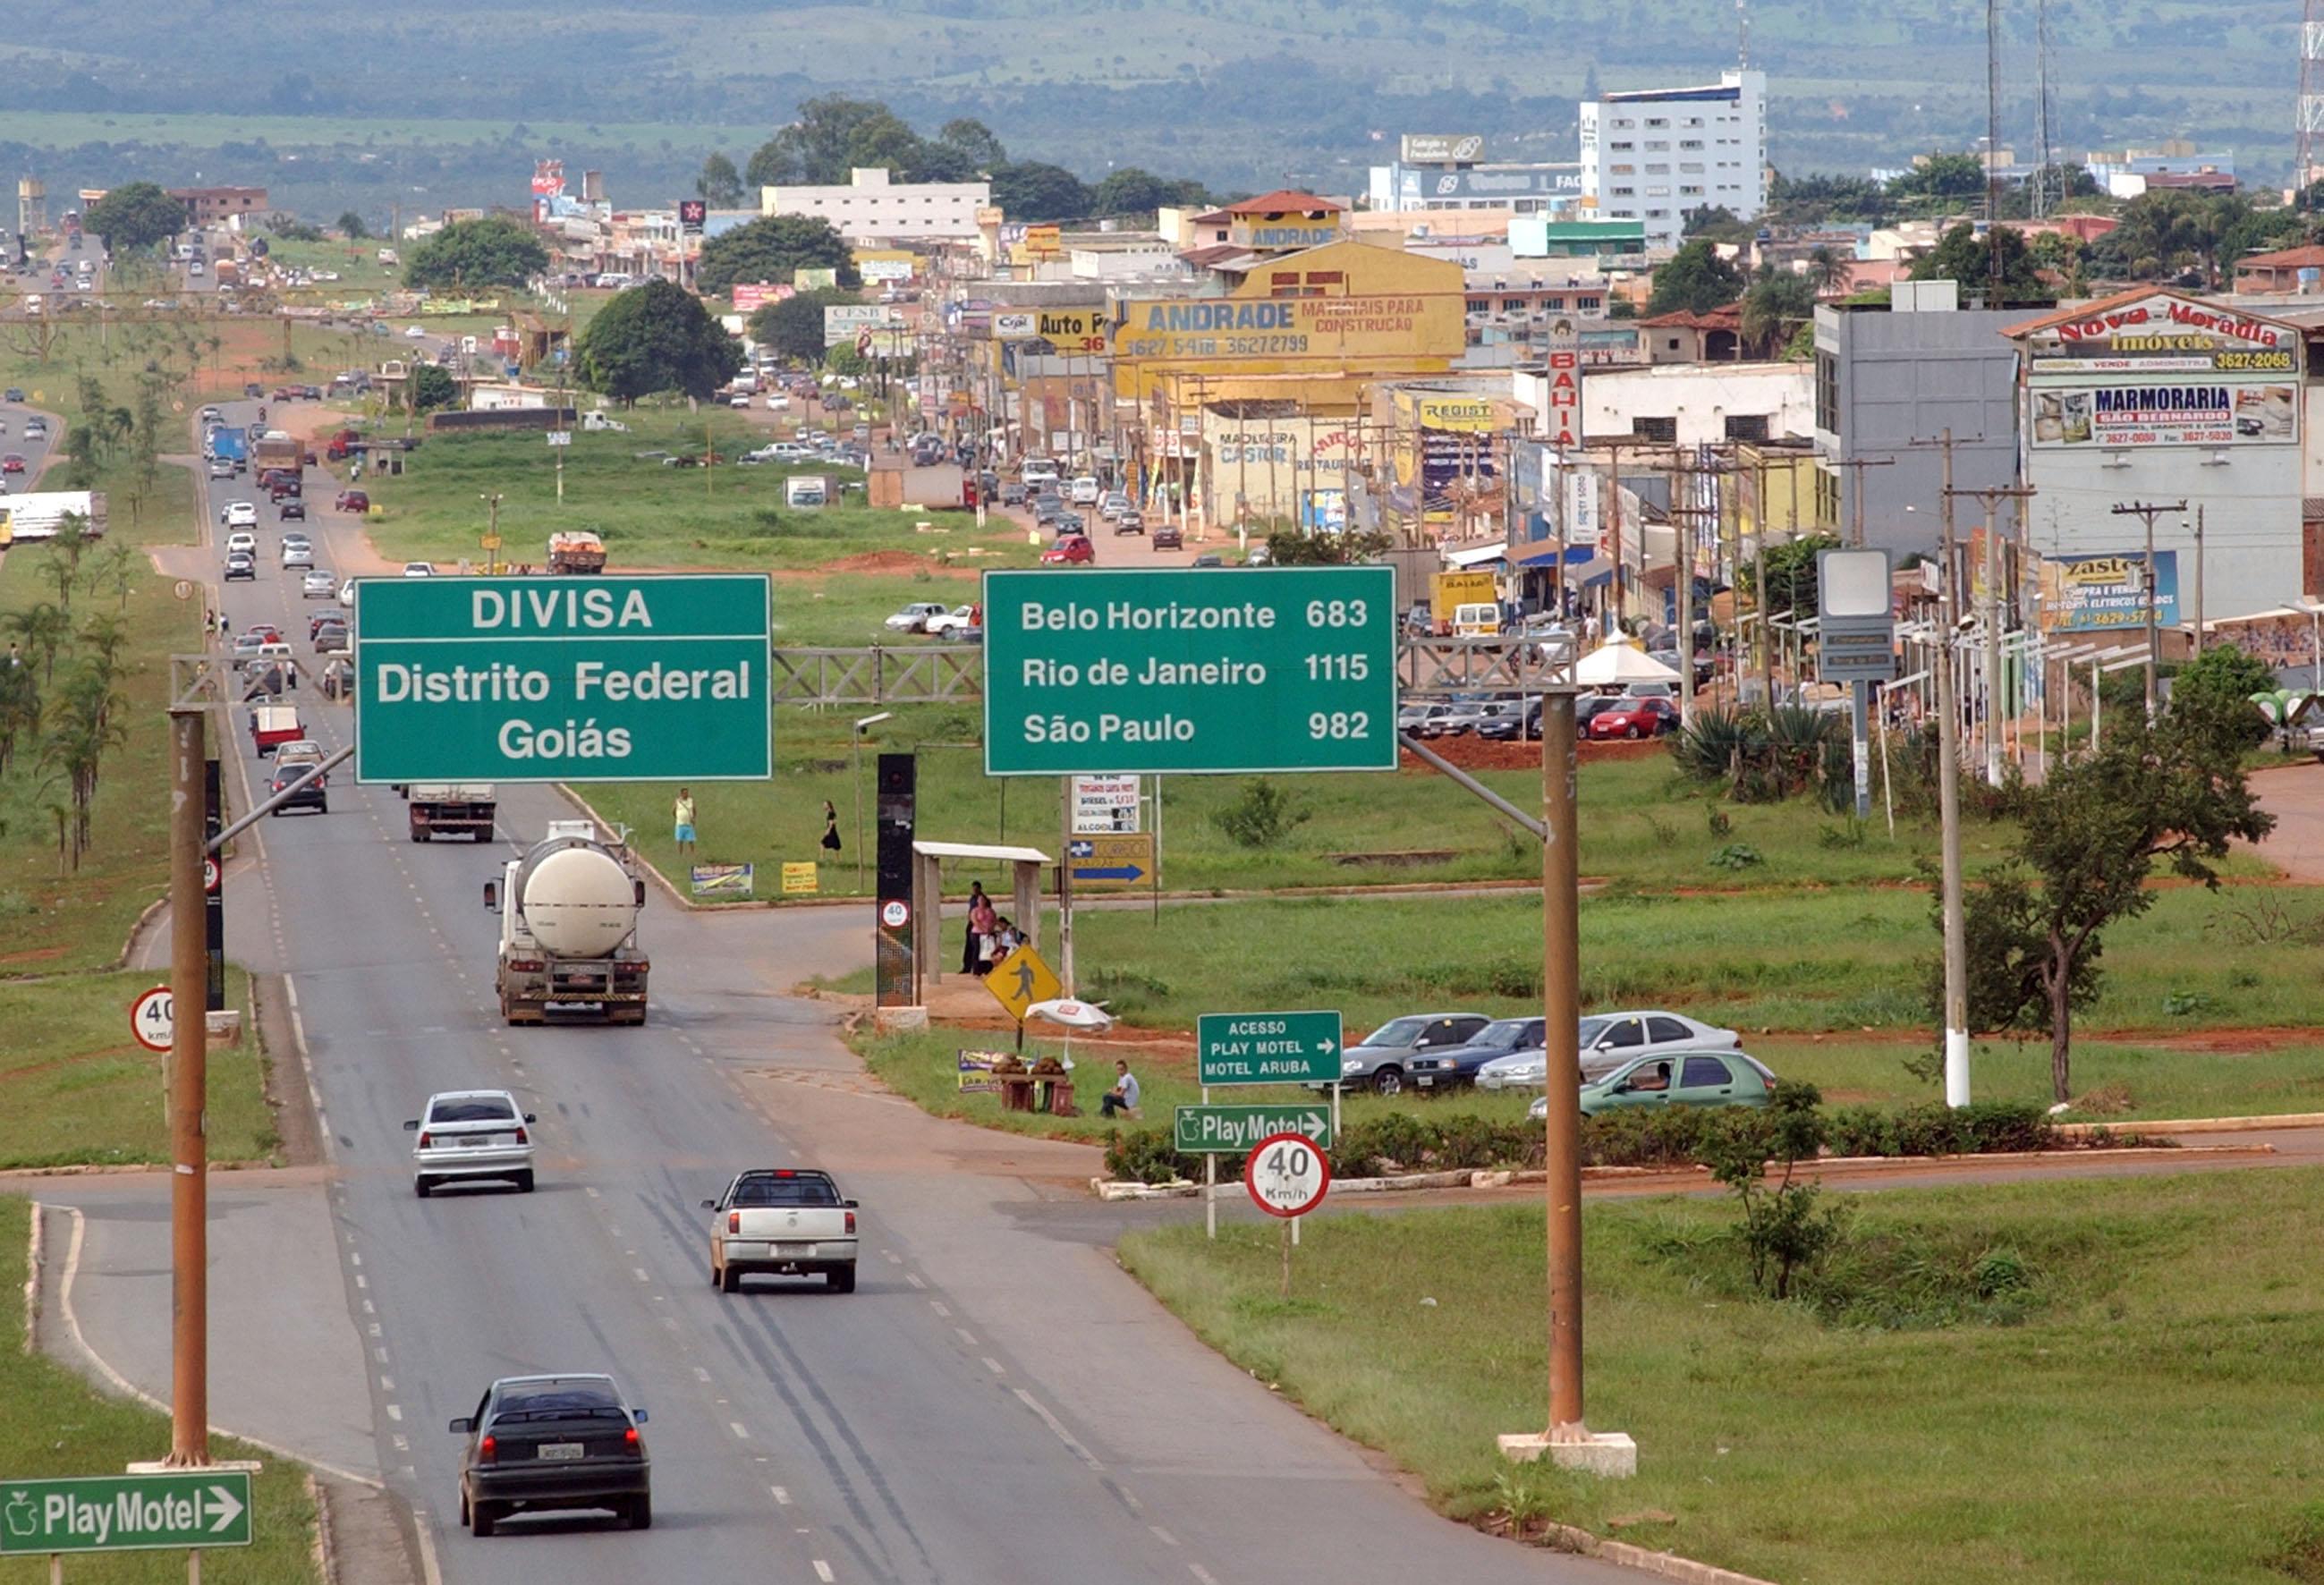 Adesivo Para Box De Banheiro ~ Ficheiro Divisa Distrito Federal Goiás jpg u2013 Wikipédia, a enciclopédia livre